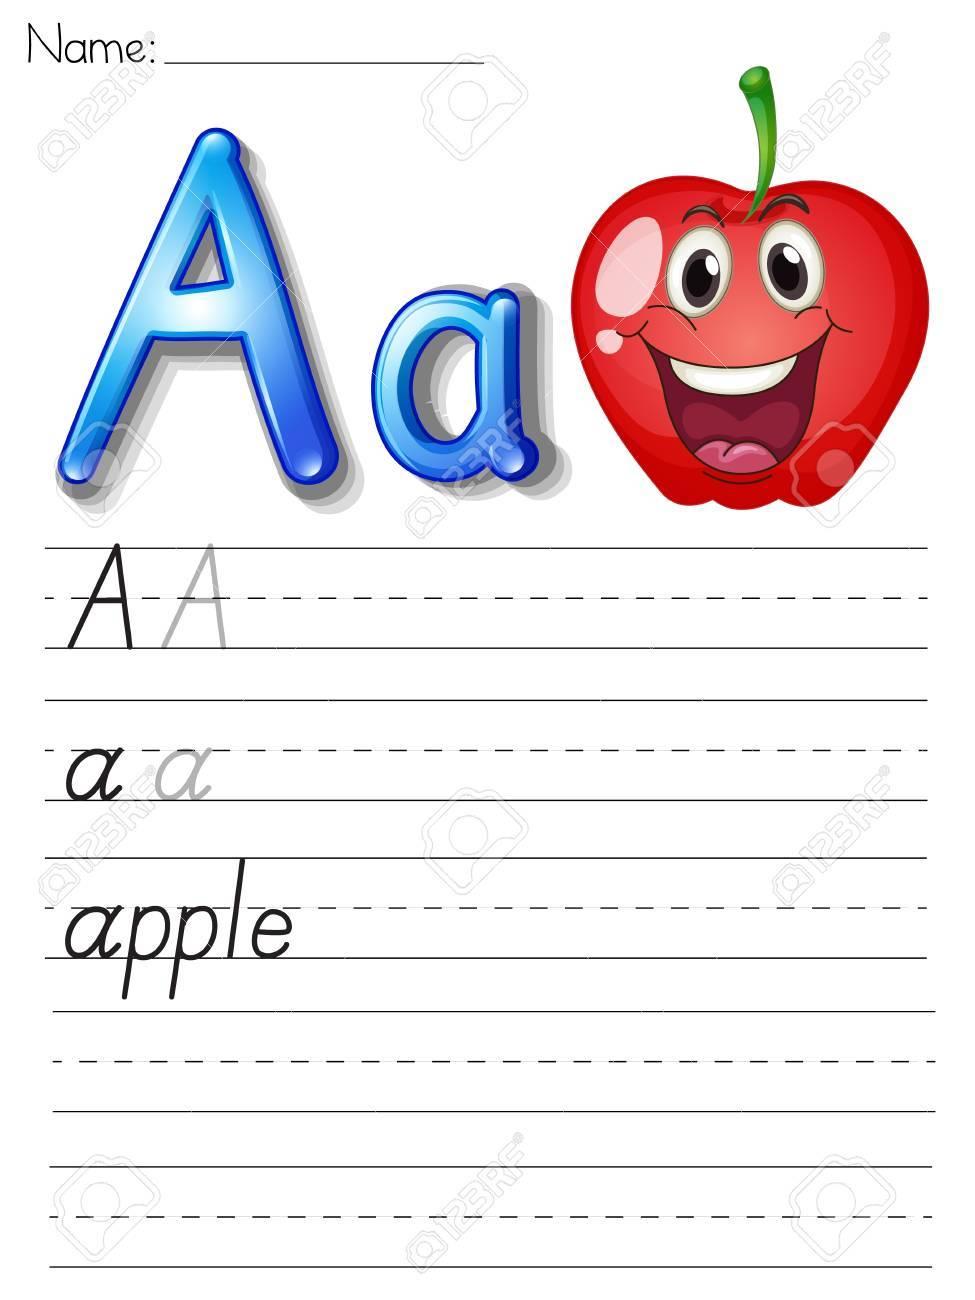 Alphabet worksheet on white paper Stock Vector - 13858776